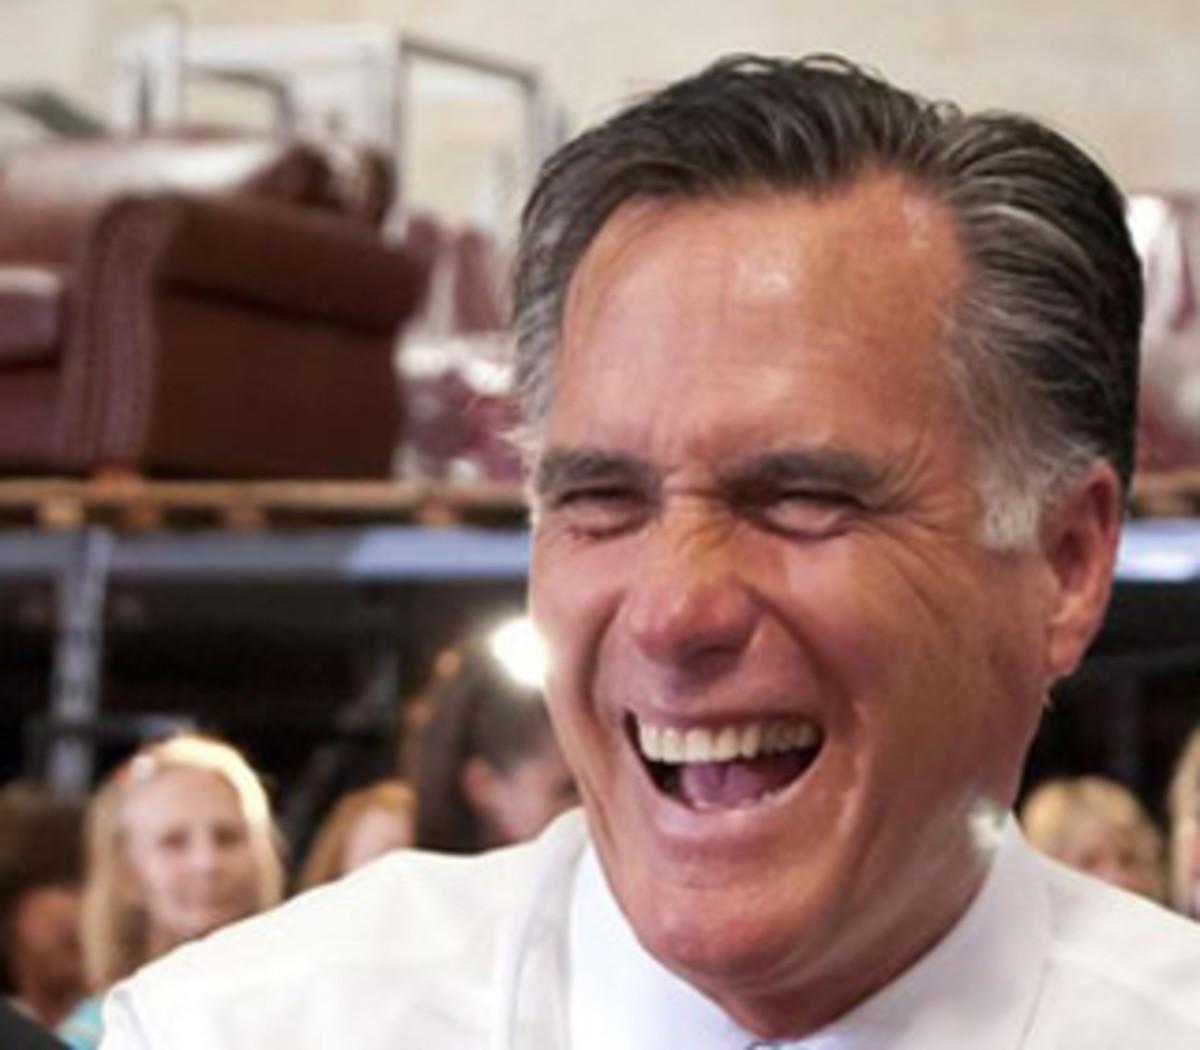 romney_climate_joke